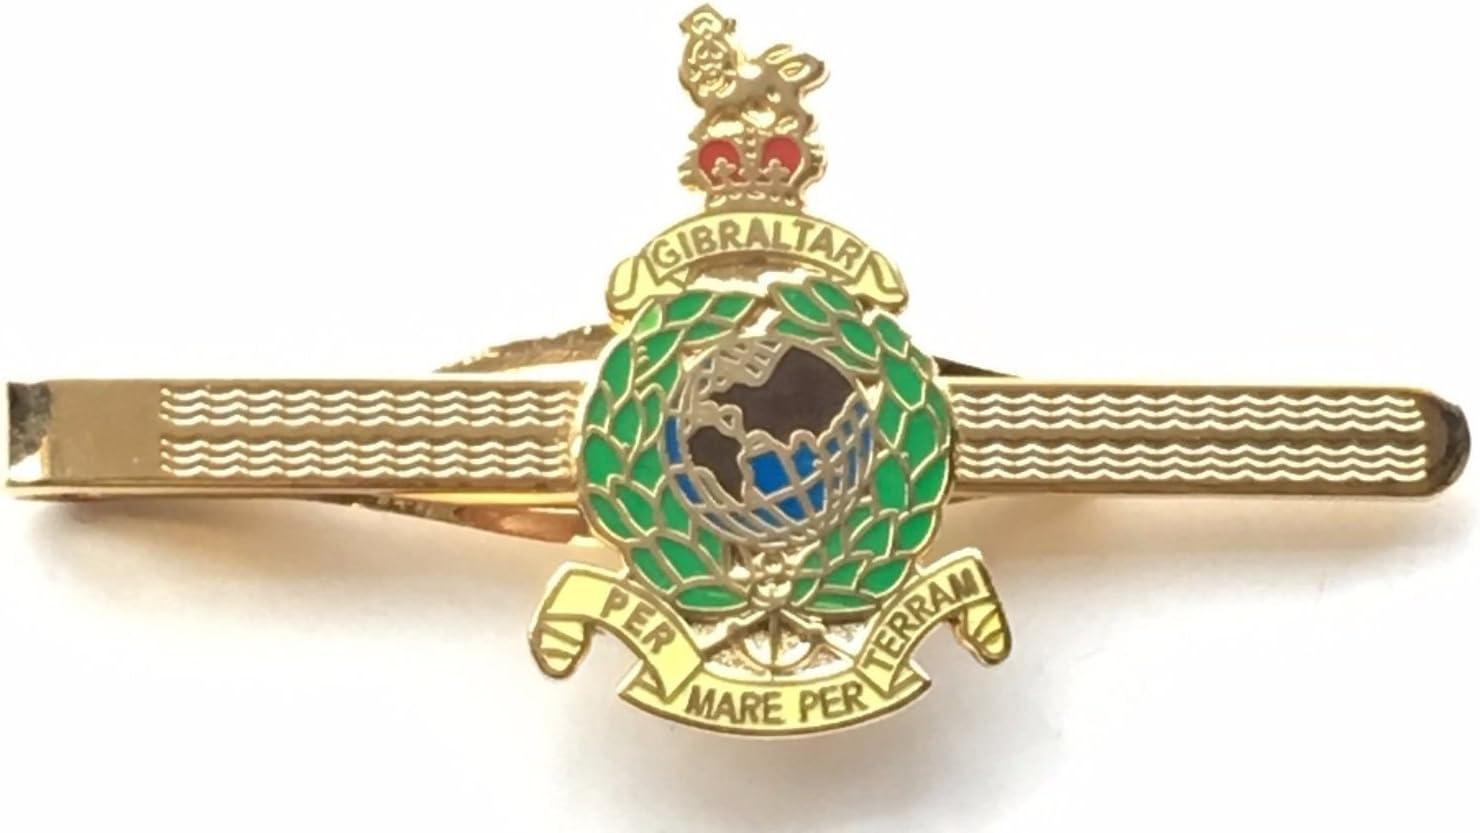 EN CAJA DE REGALO MILITAR Royal Marines ESMALTADO CON ESCUDO ALFILER DE CORBATA (n148): Amazon.es: Hogar